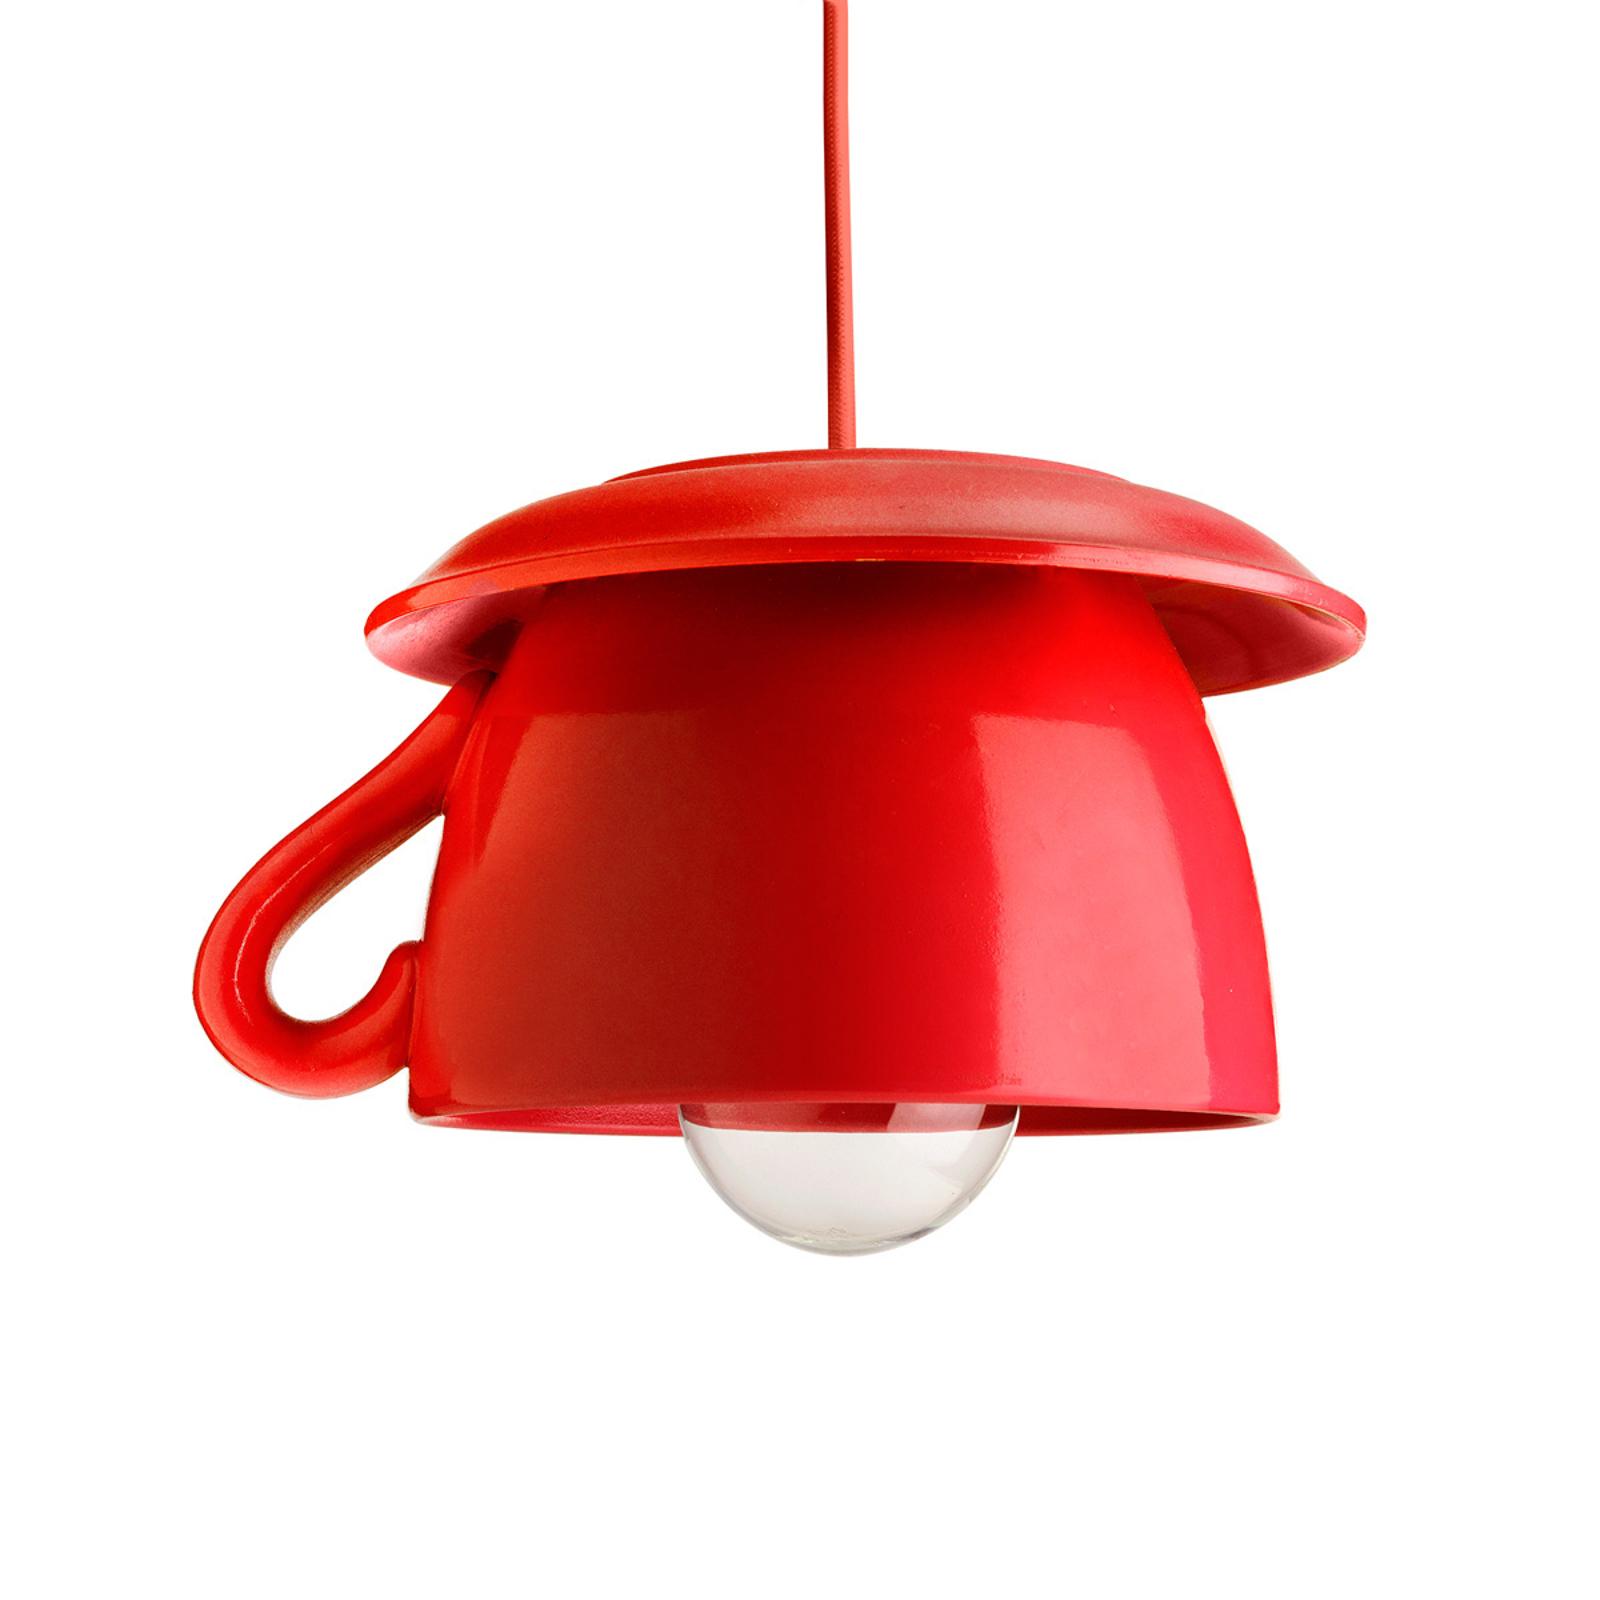 Tazza červené keramické závěsné světlo do kuchyně